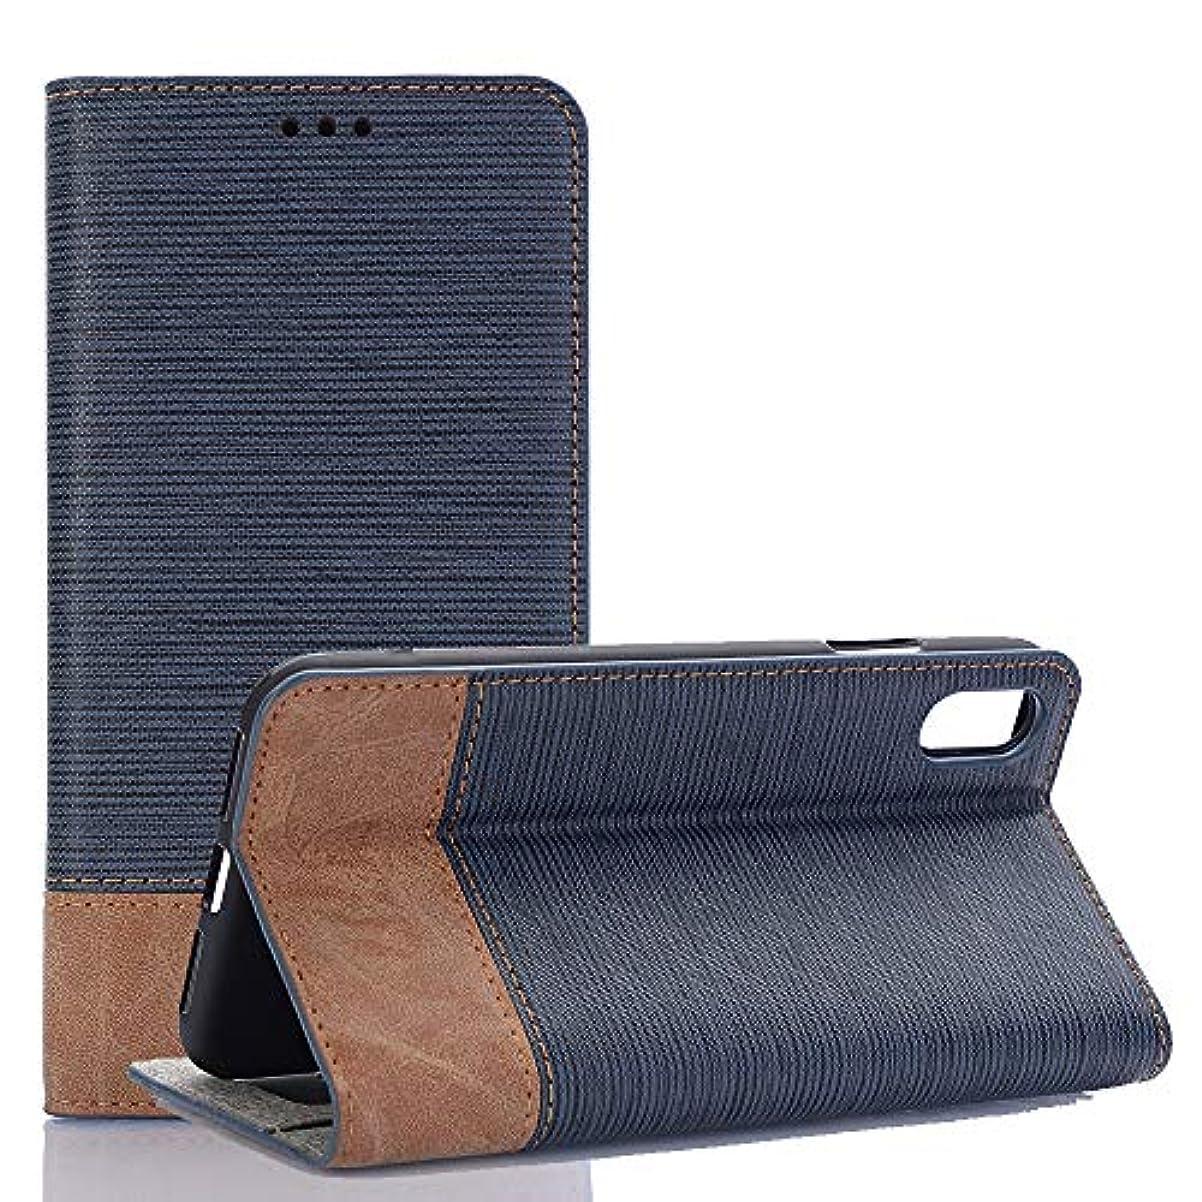 南アメリカ航海の航空機Galaxy S9 ケース、INorton 本革ケース 全面保護 衝撃吸収 スタンド機能 カード収納 手帳型 スマートケース Galaxy S9対応